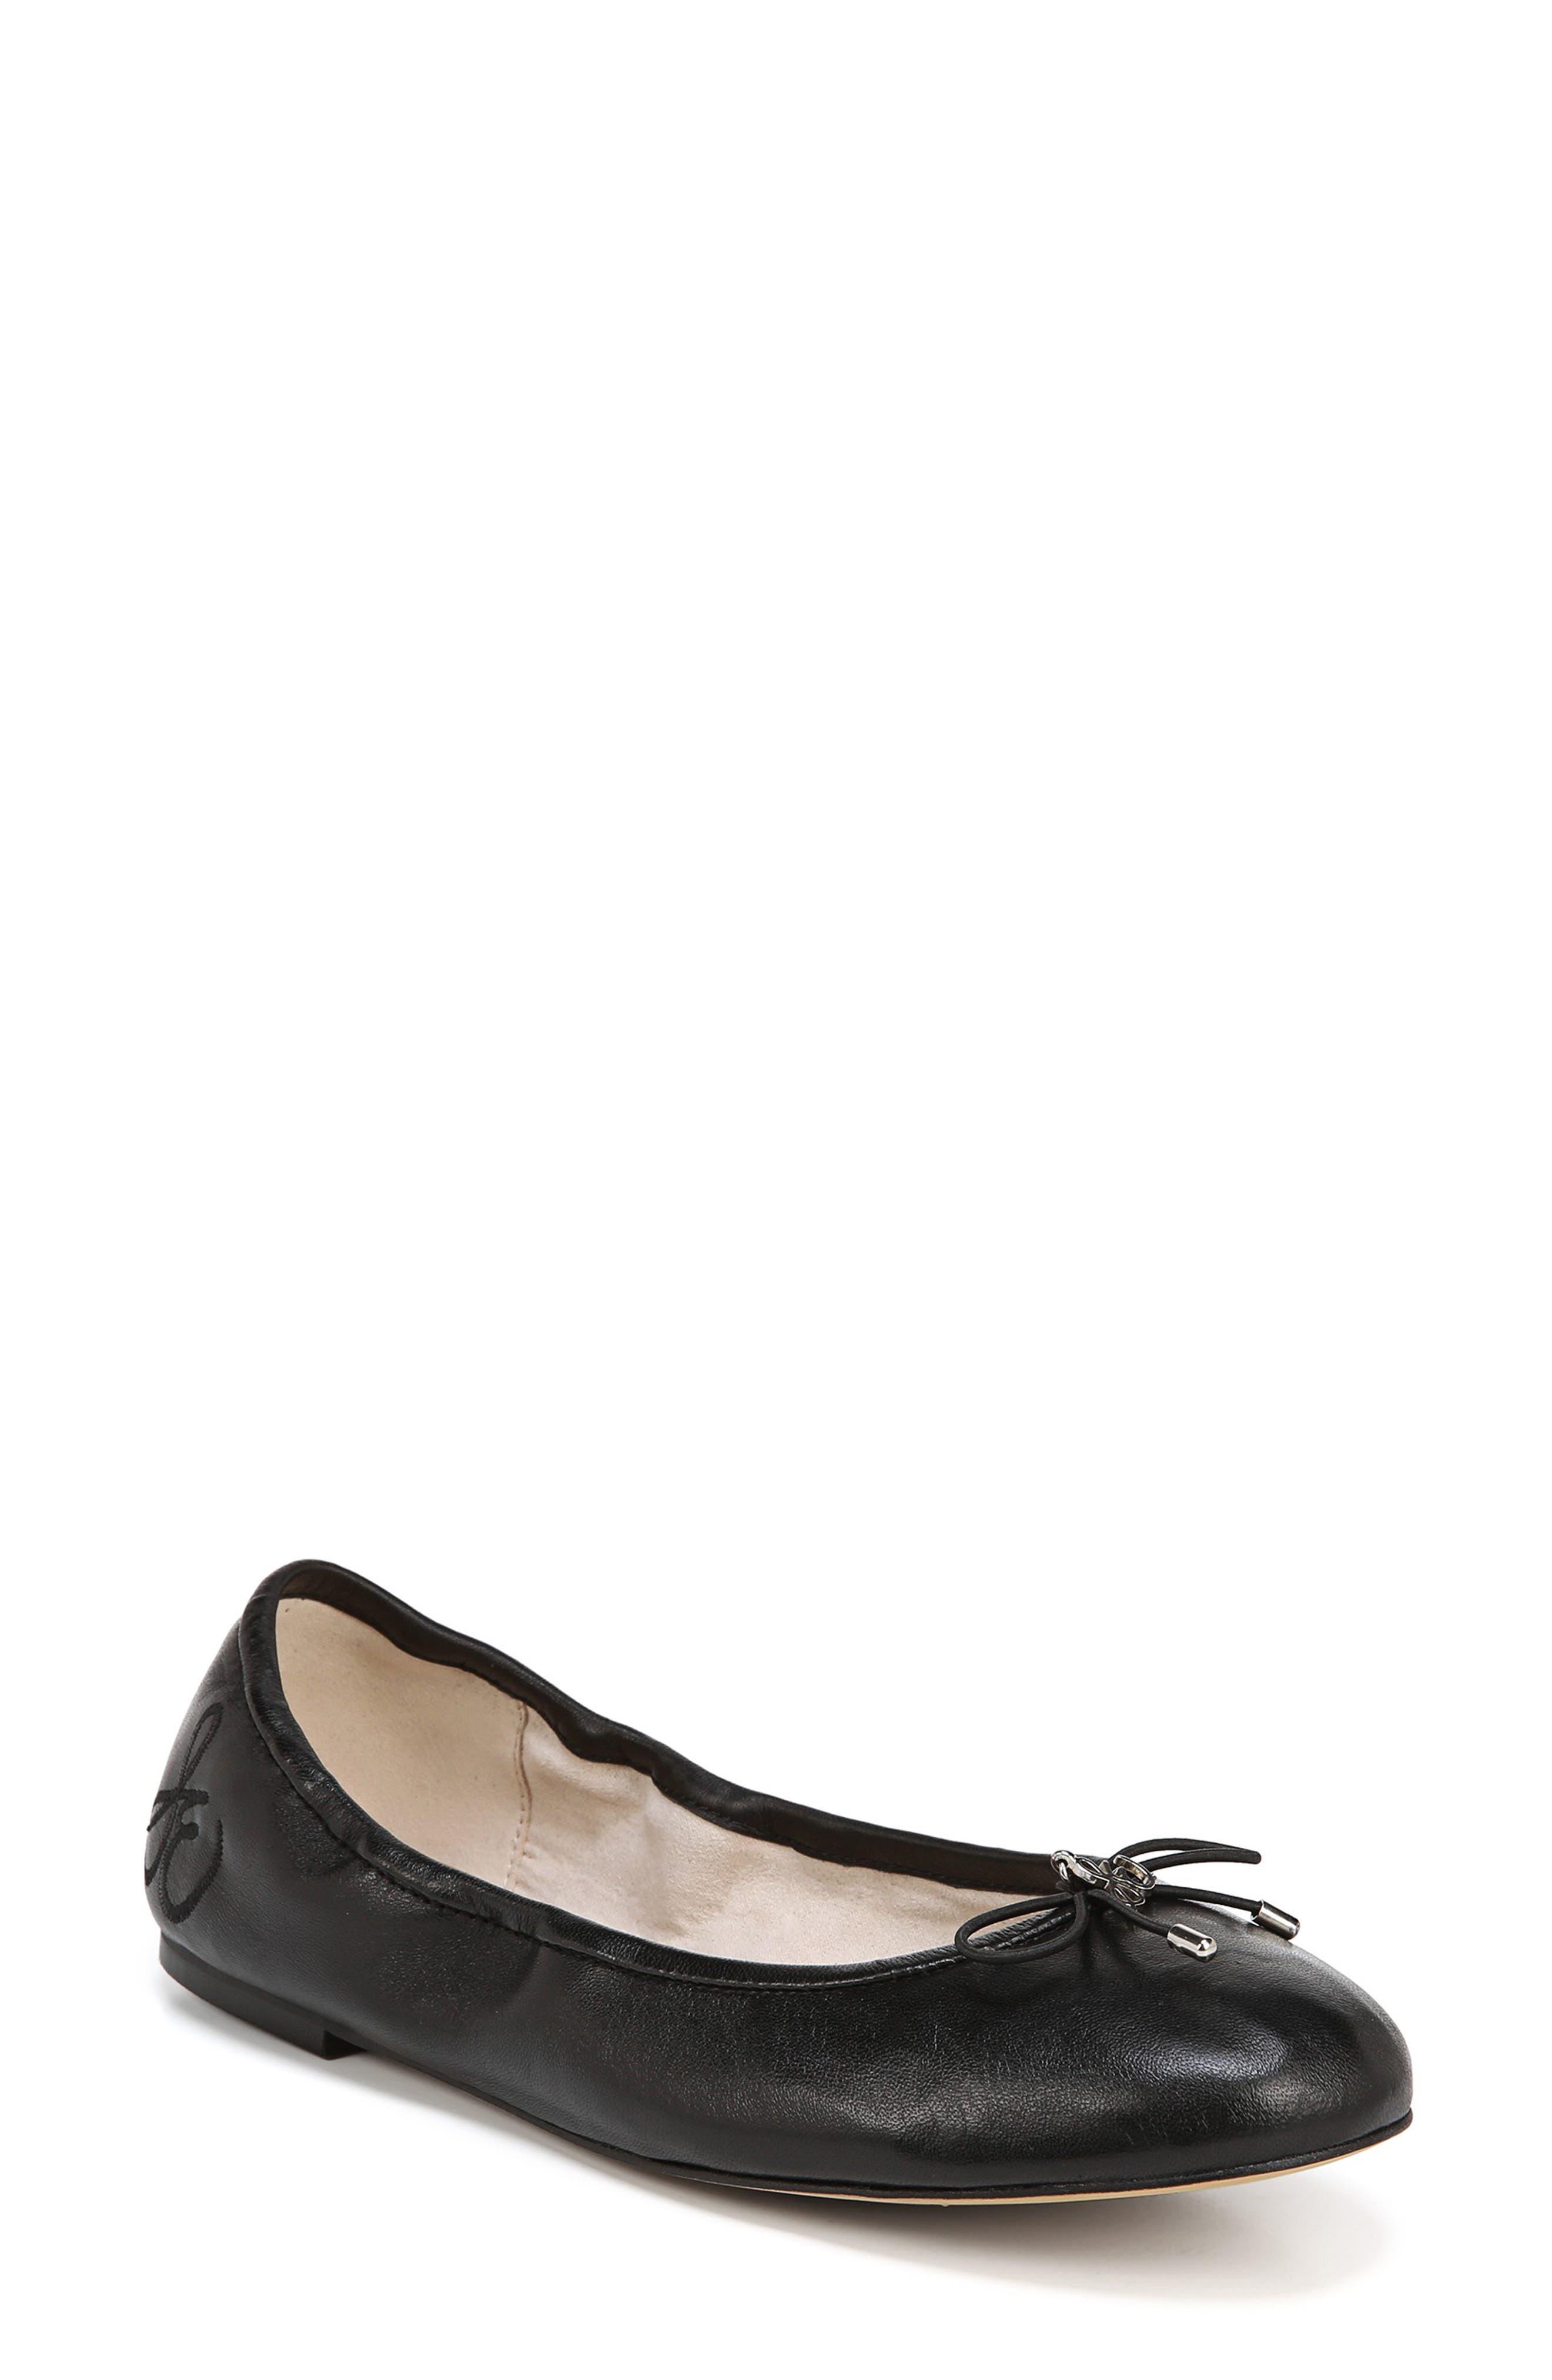 1ae3f6d5 Women's Flats & Ballet Flats | Nordstrom